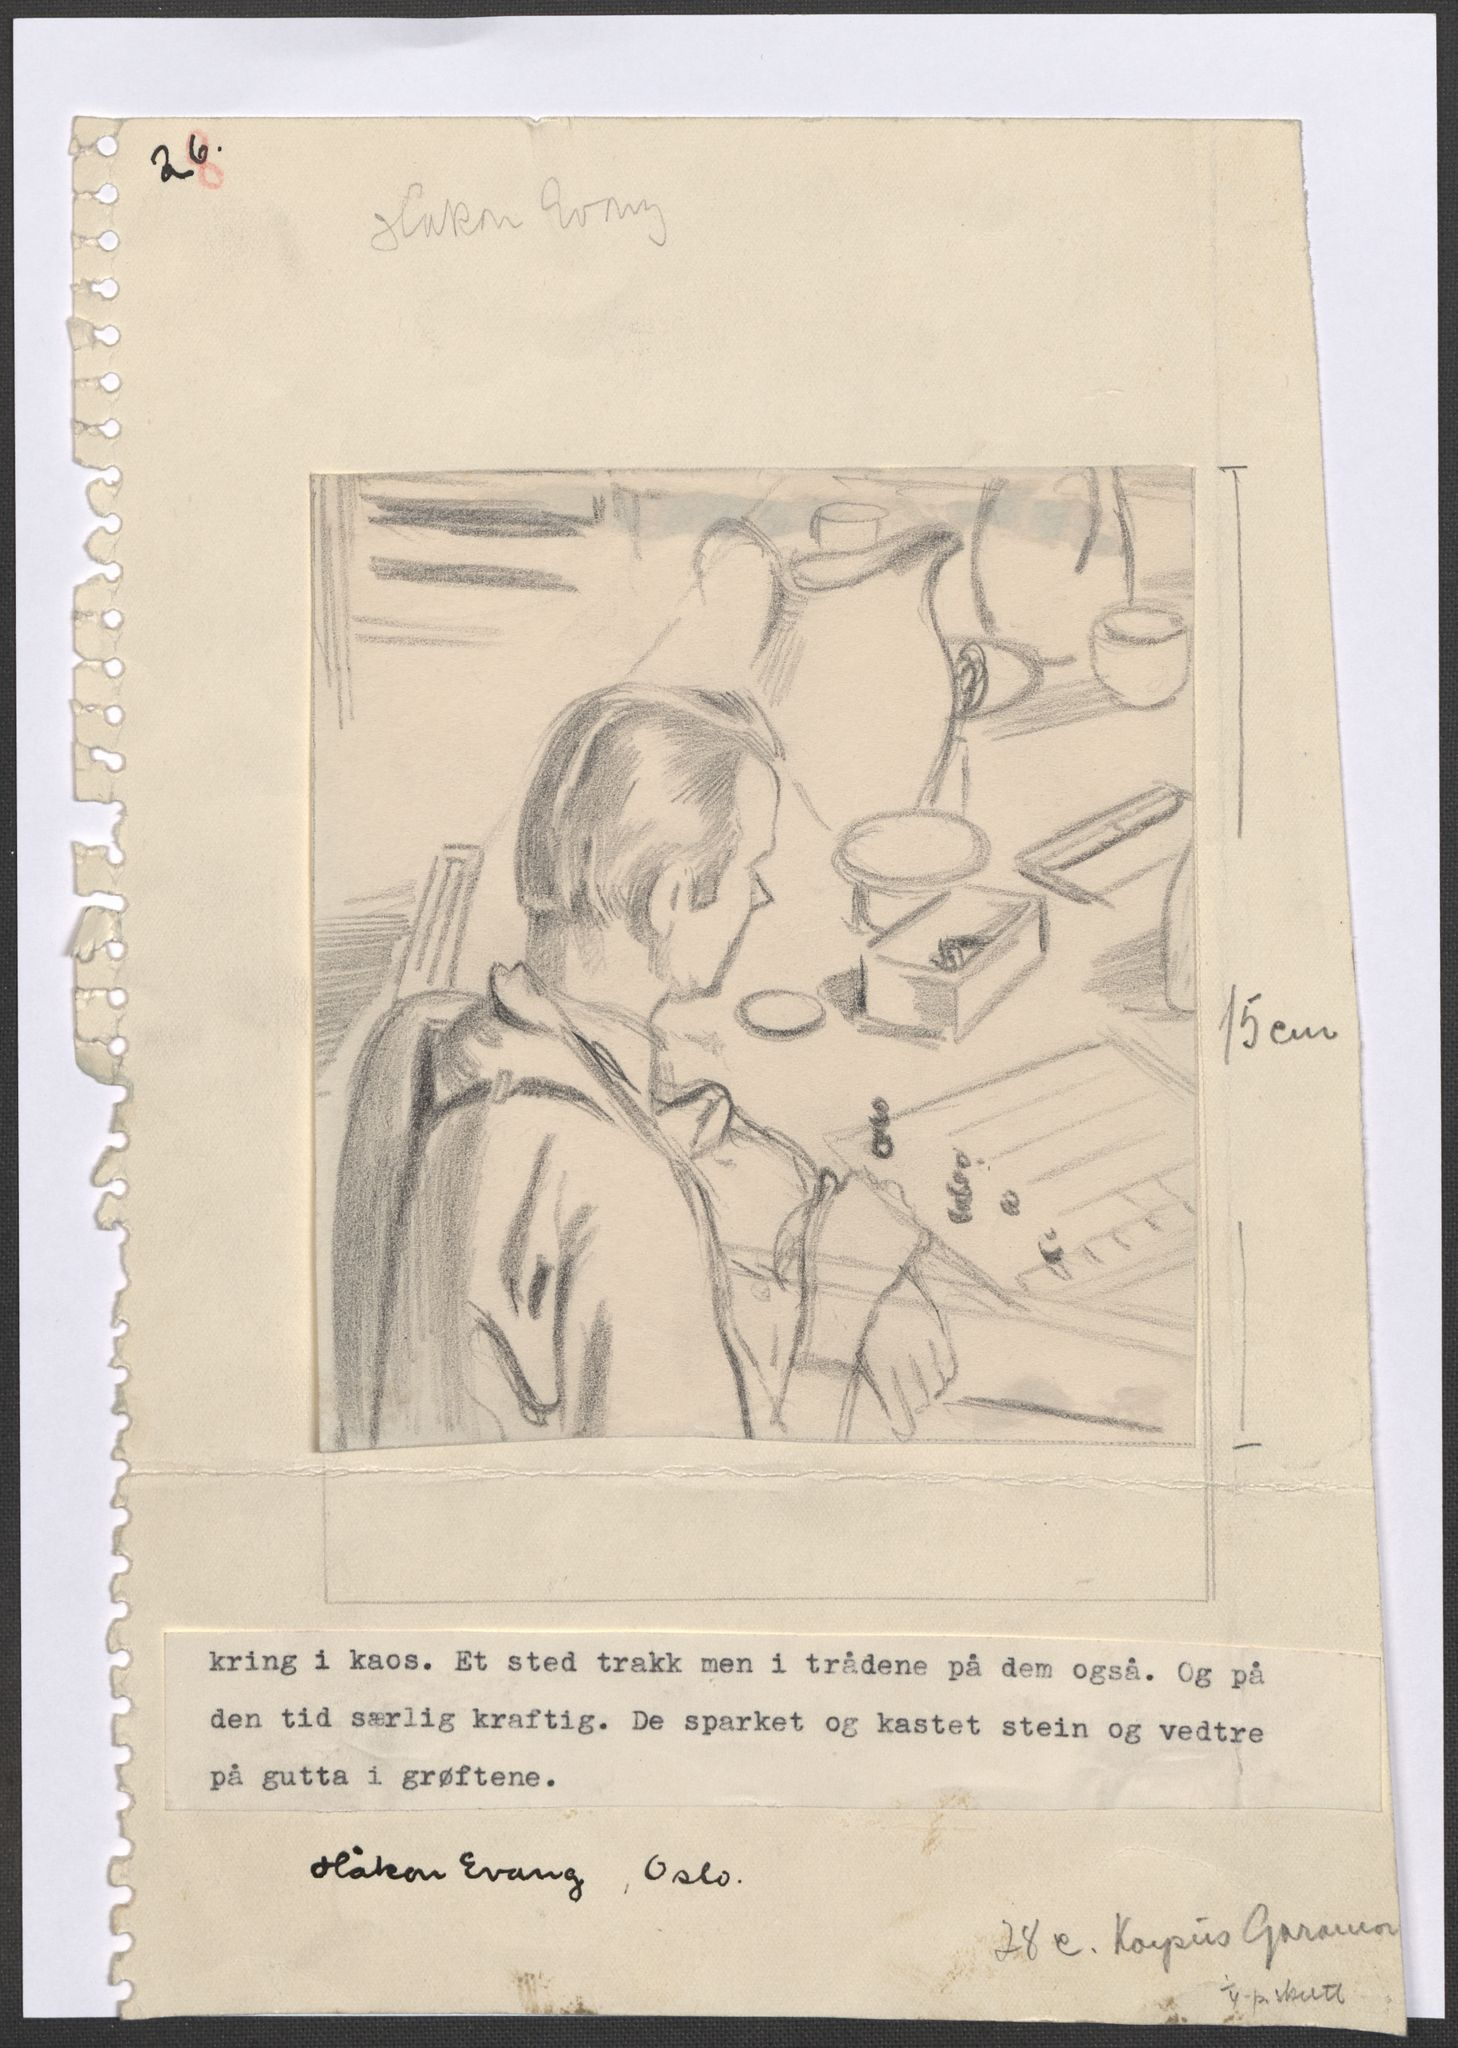 RA, Grøgaard, Joachim, F/L0002: Tegninger og tekster, 1942-1945, s. 33